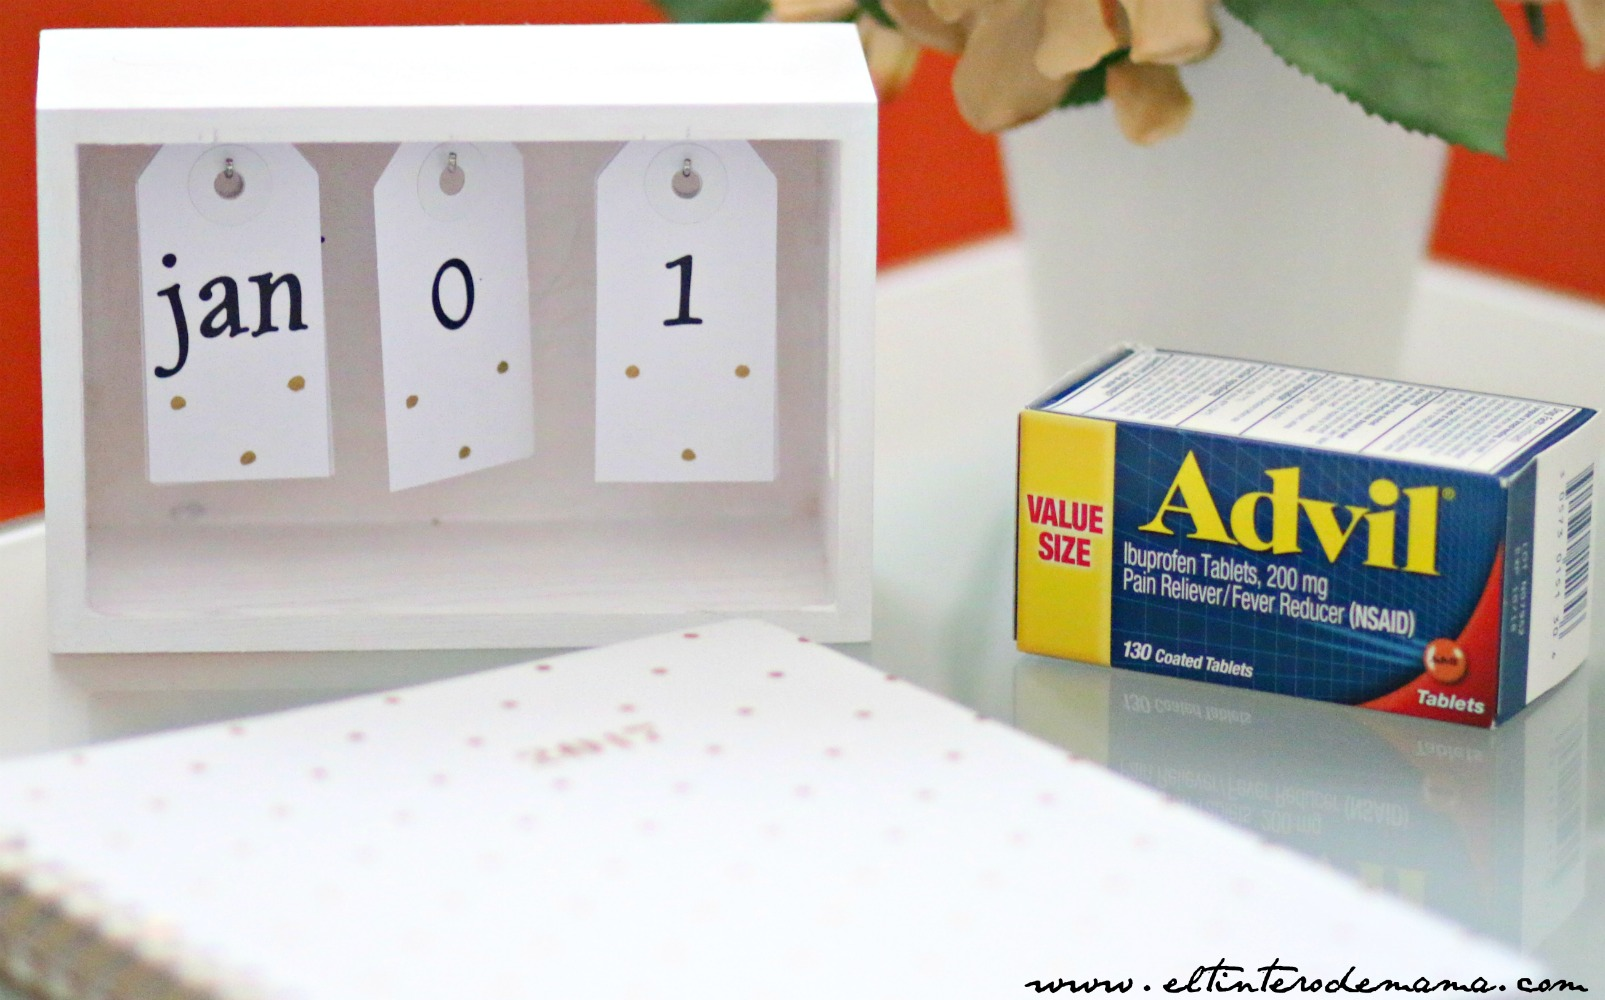 Pfizer-Walmart-Advil-Hispanic